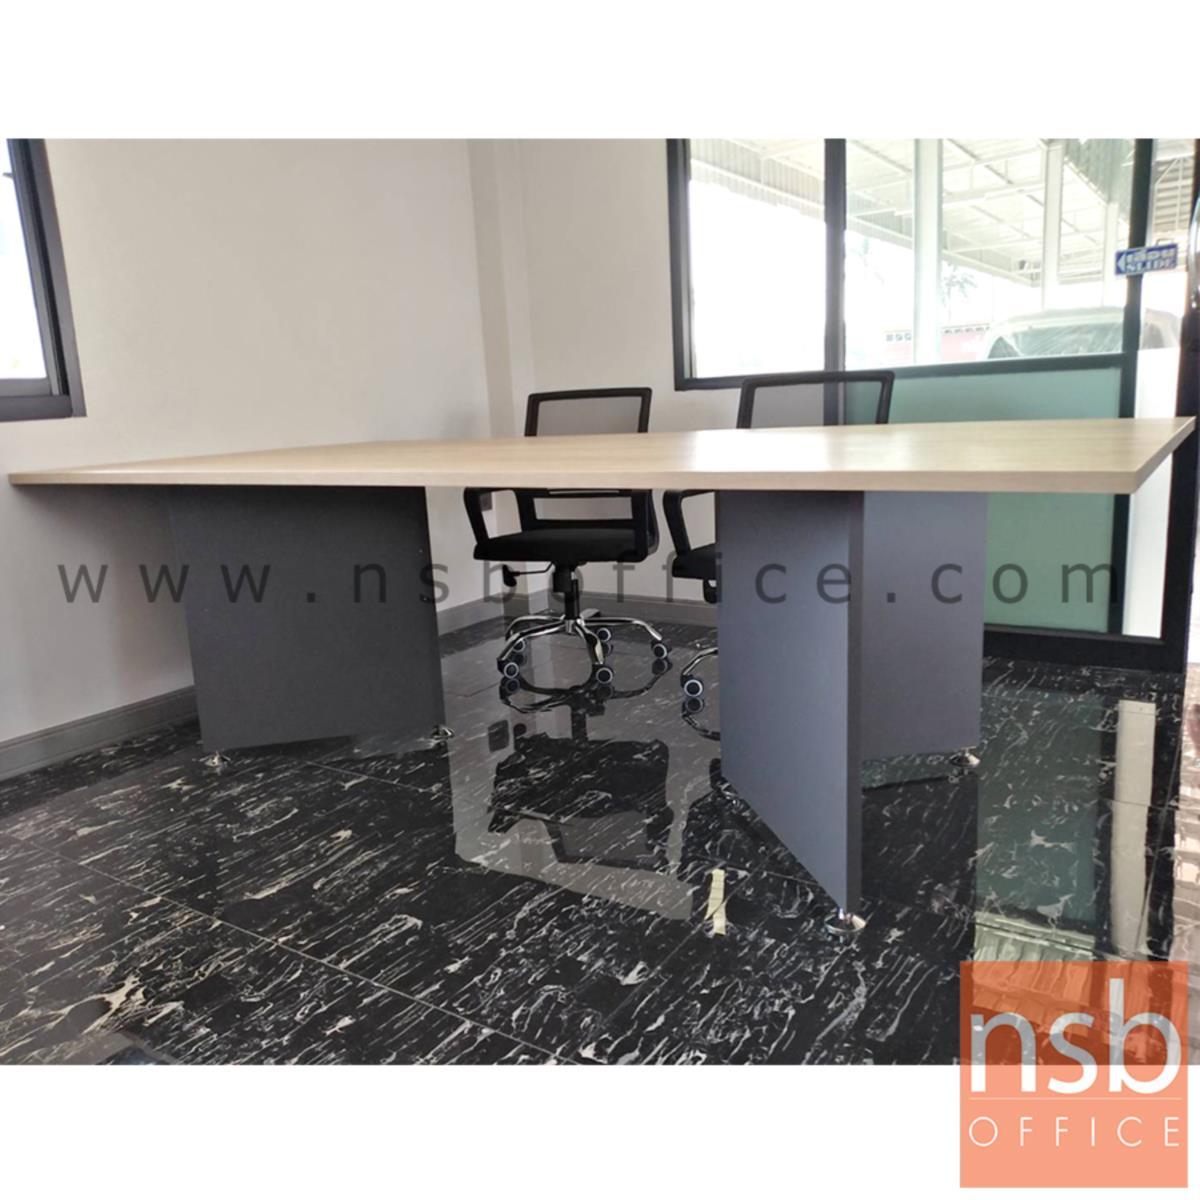 โต๊ะประชุมทรงสี่เหลี่ยม รุ่น Moritz (มอริทซ์) ขนาด 240W cm. สีแกรนโอ๊คตัดกราไฟท์